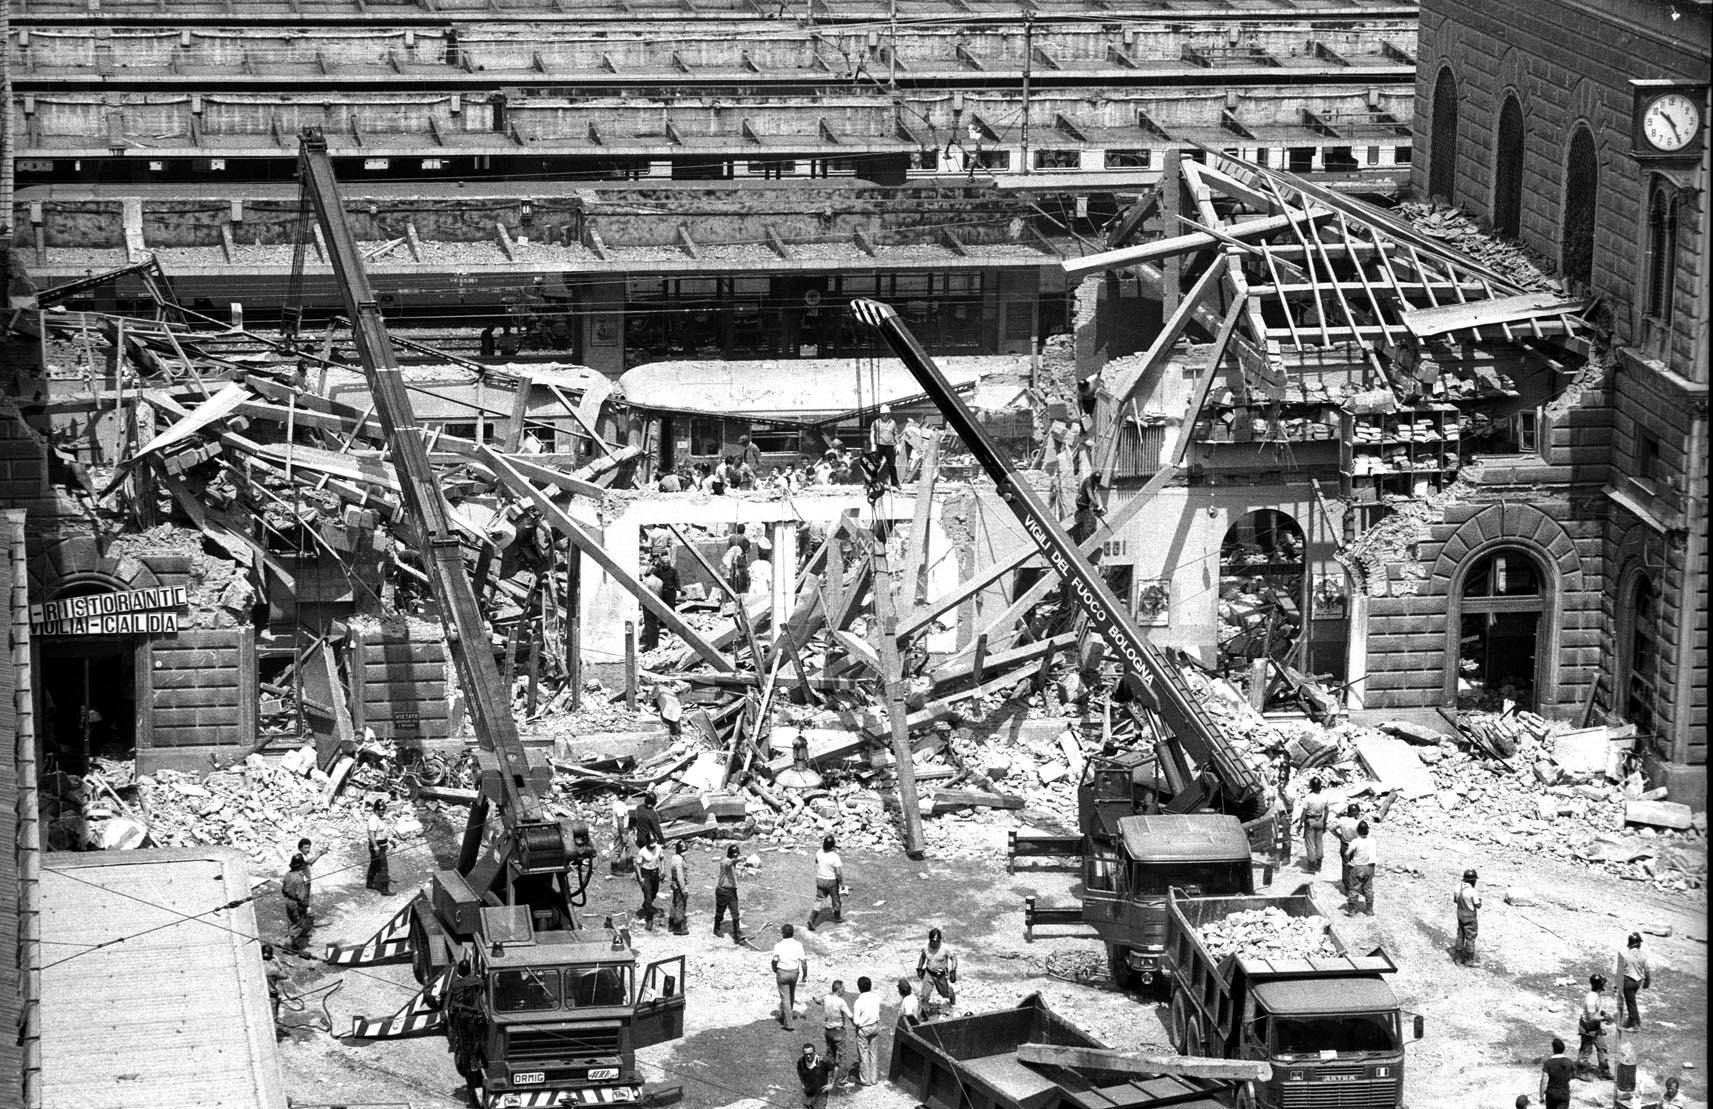 La Stazione di Bologna, il 2 agosto del 1980 poco dopo lo scoppio della bomba